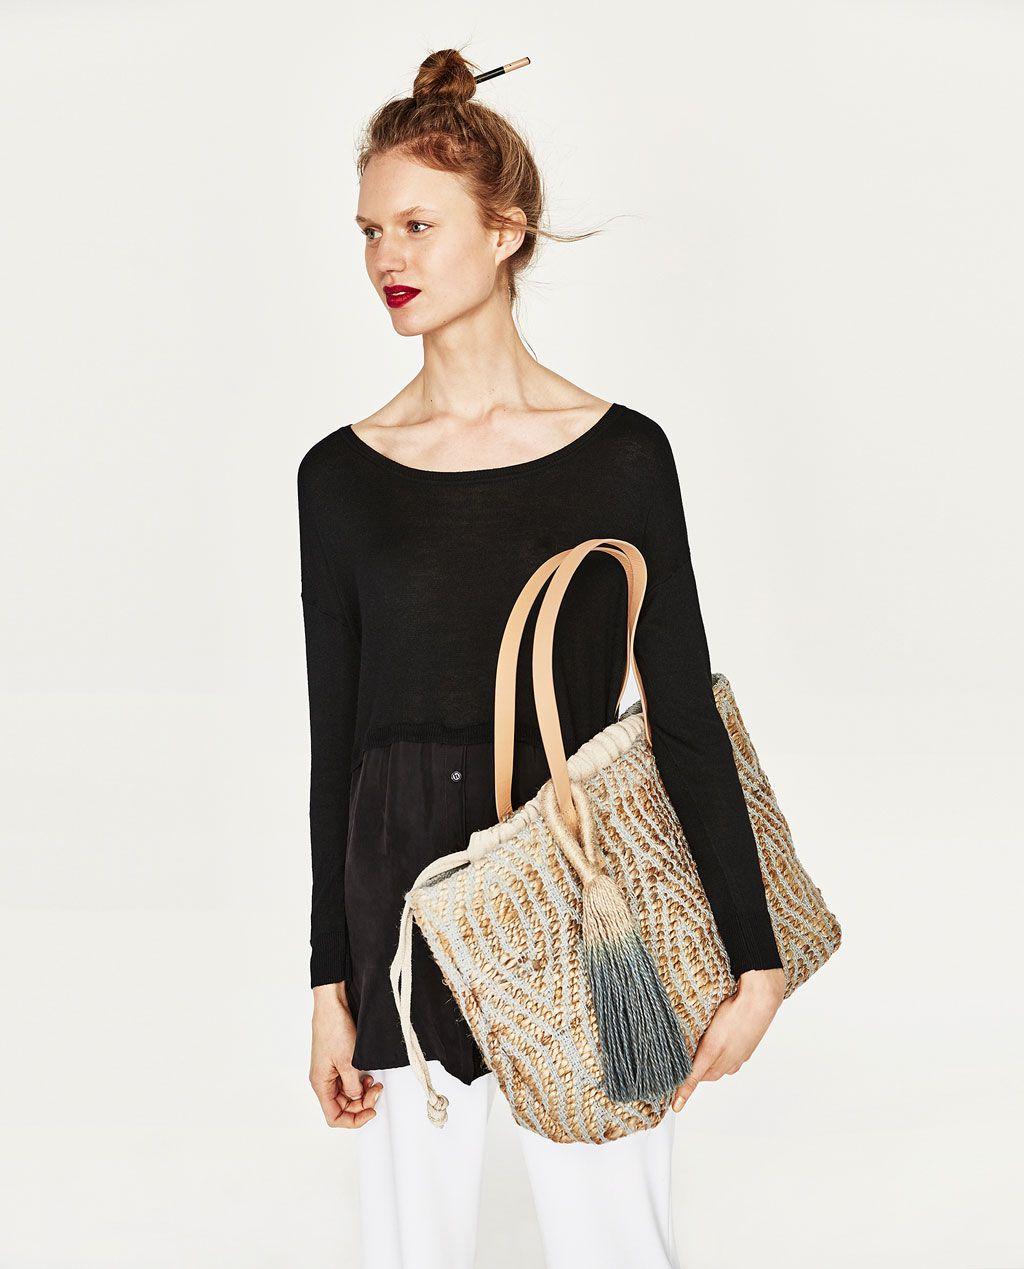 Pletene torbe - najbolji ljetni saveznik